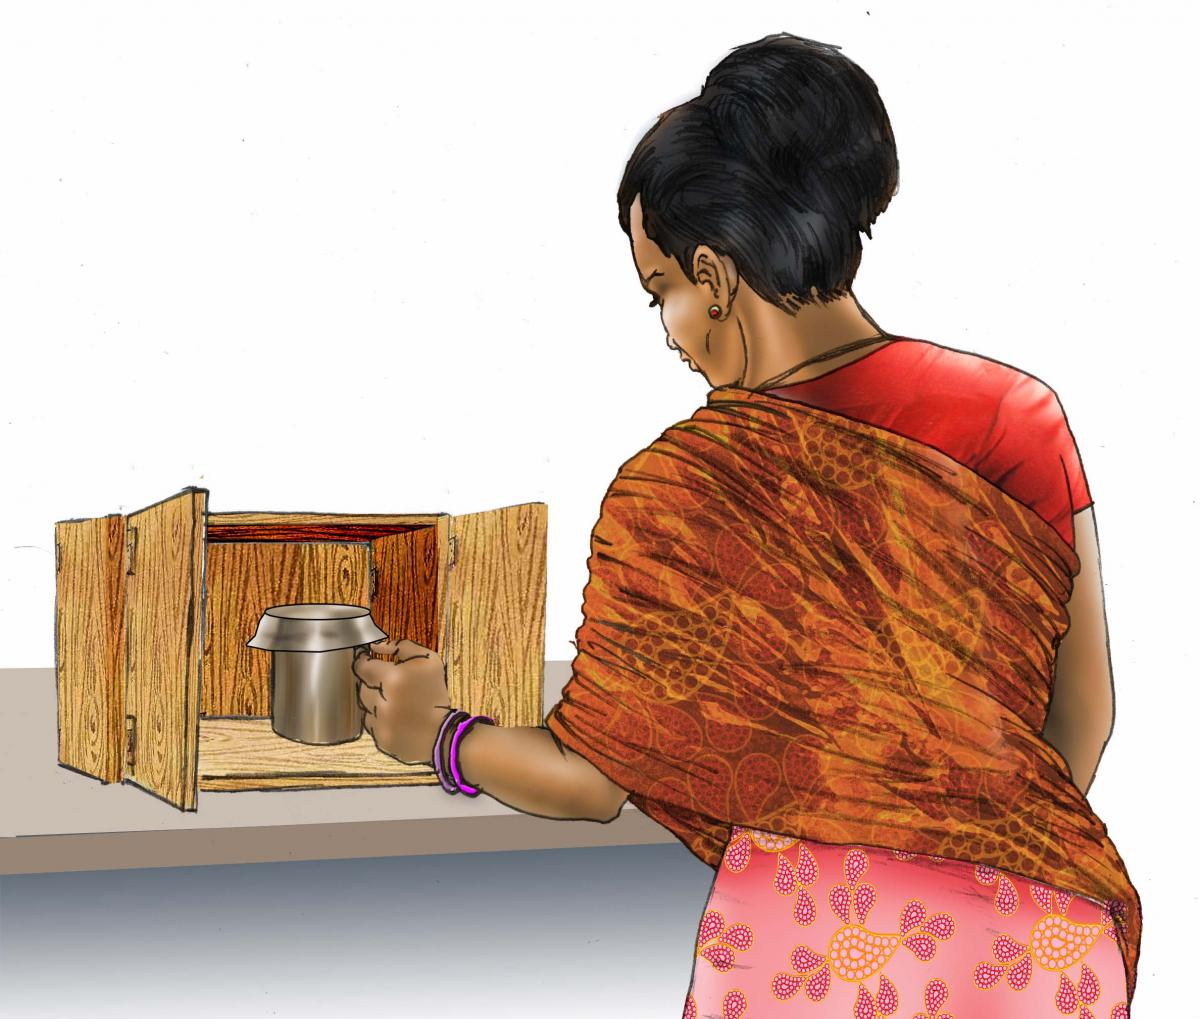 Cup feeding - Cup feeding - 05 - India